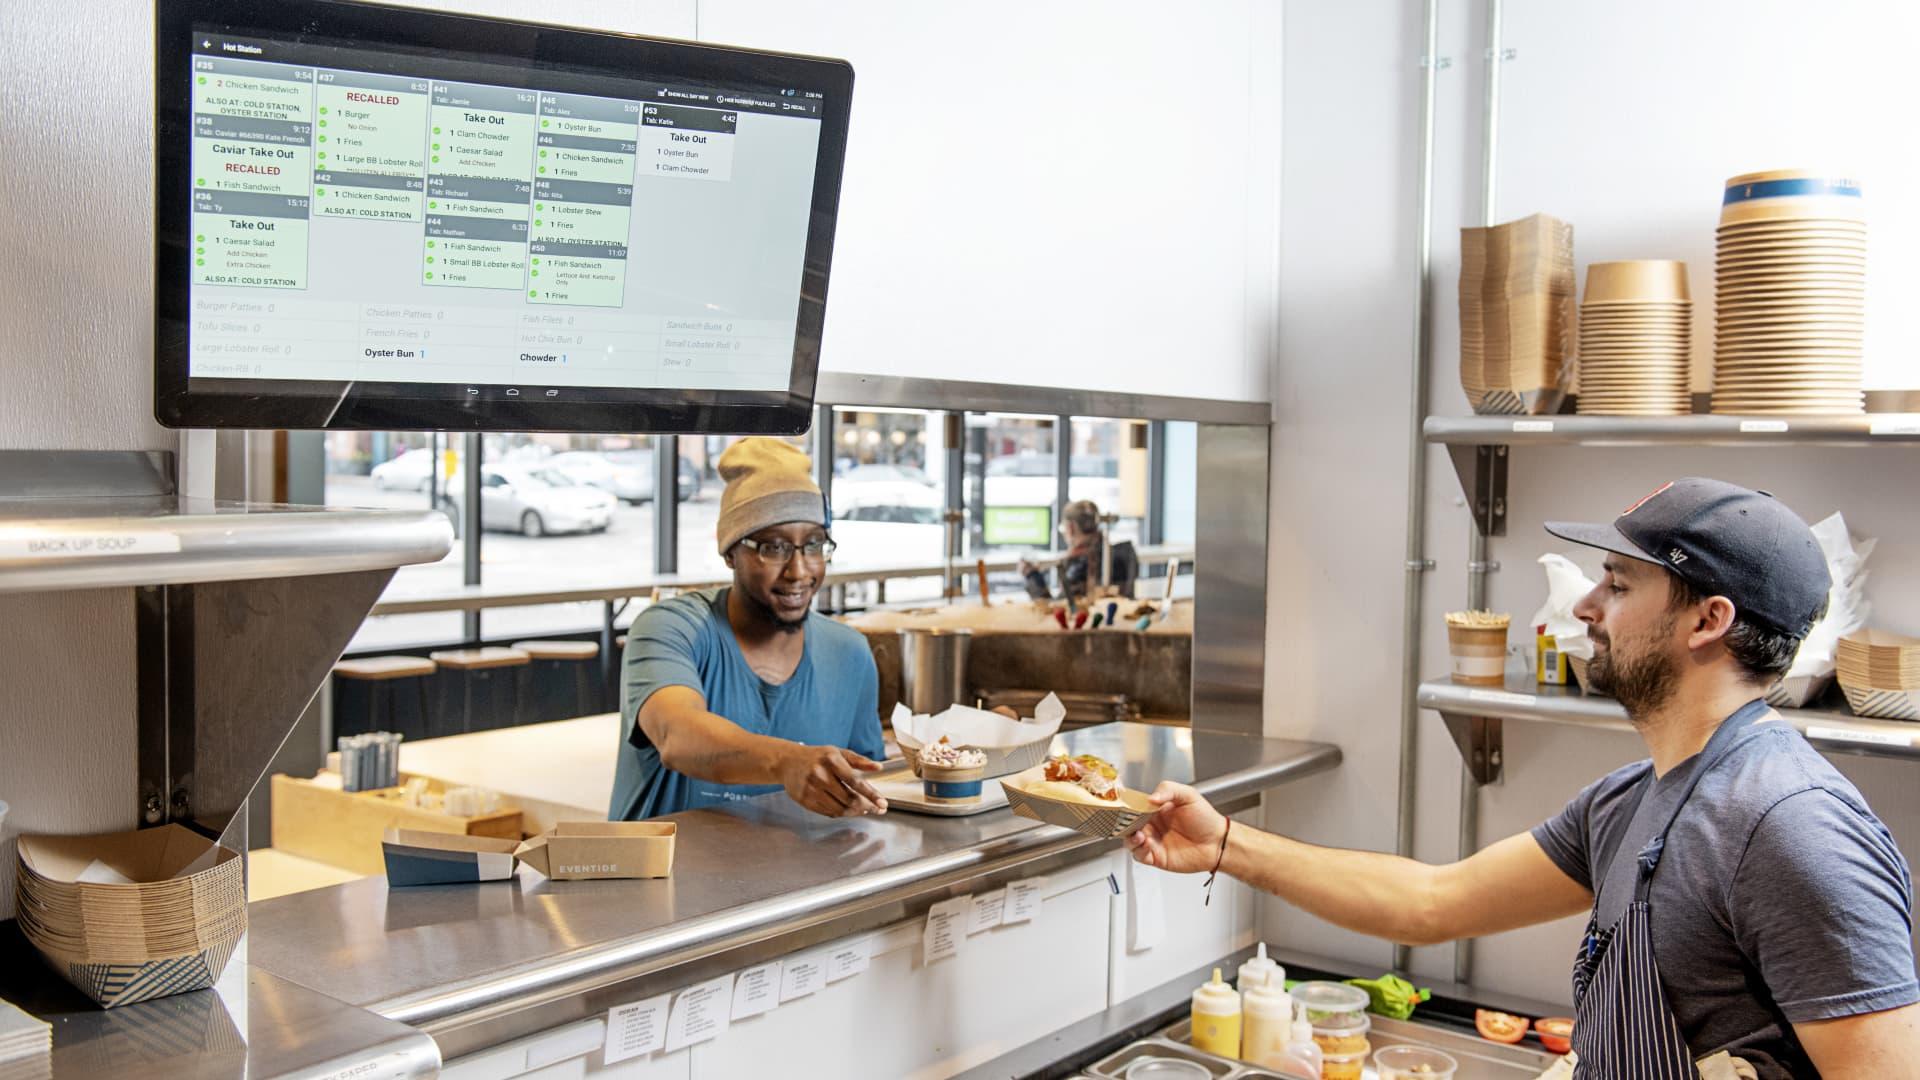 Toast's restaurant technology